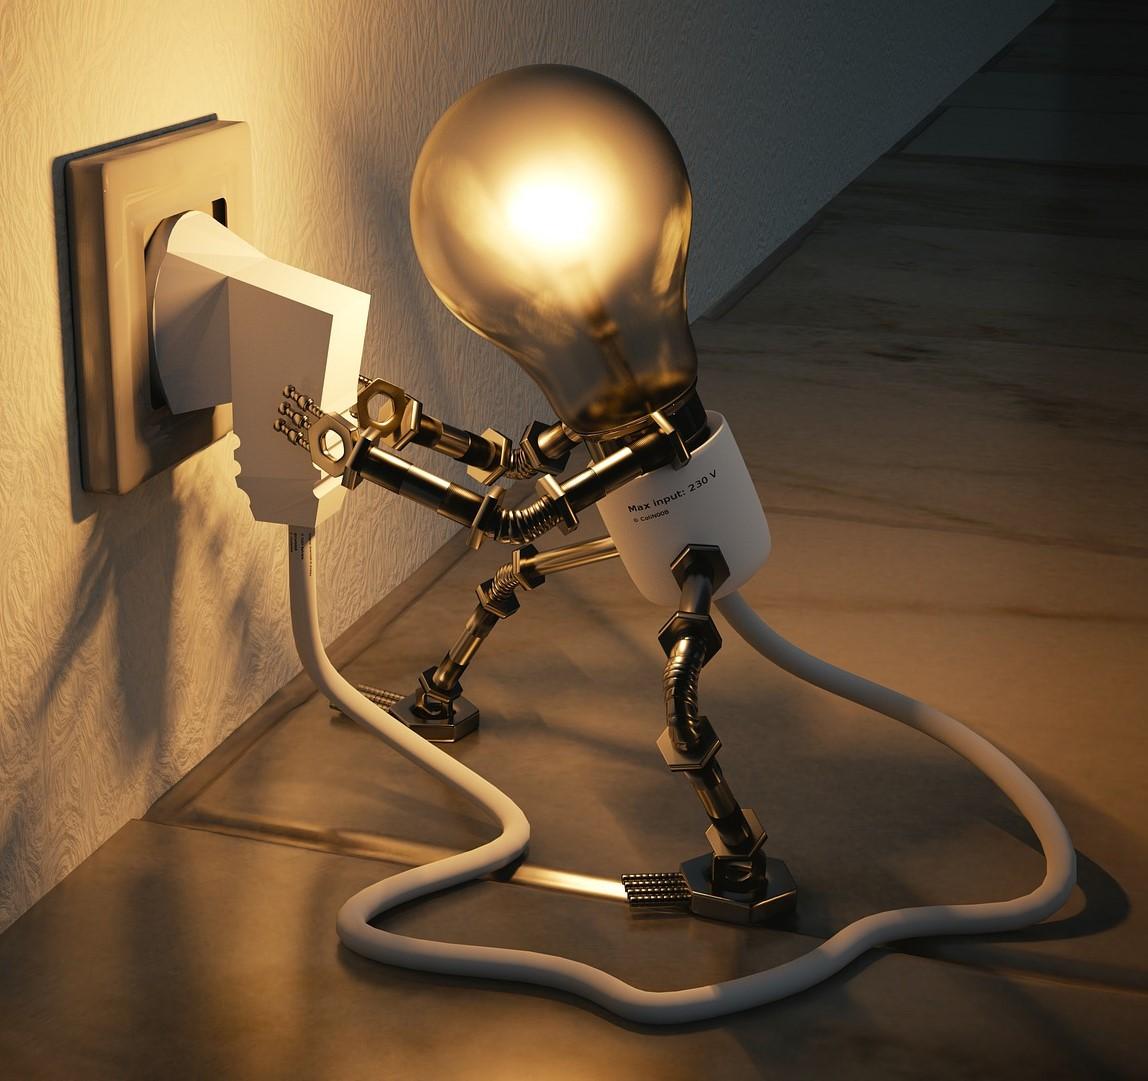 poverta-energetica.jpg